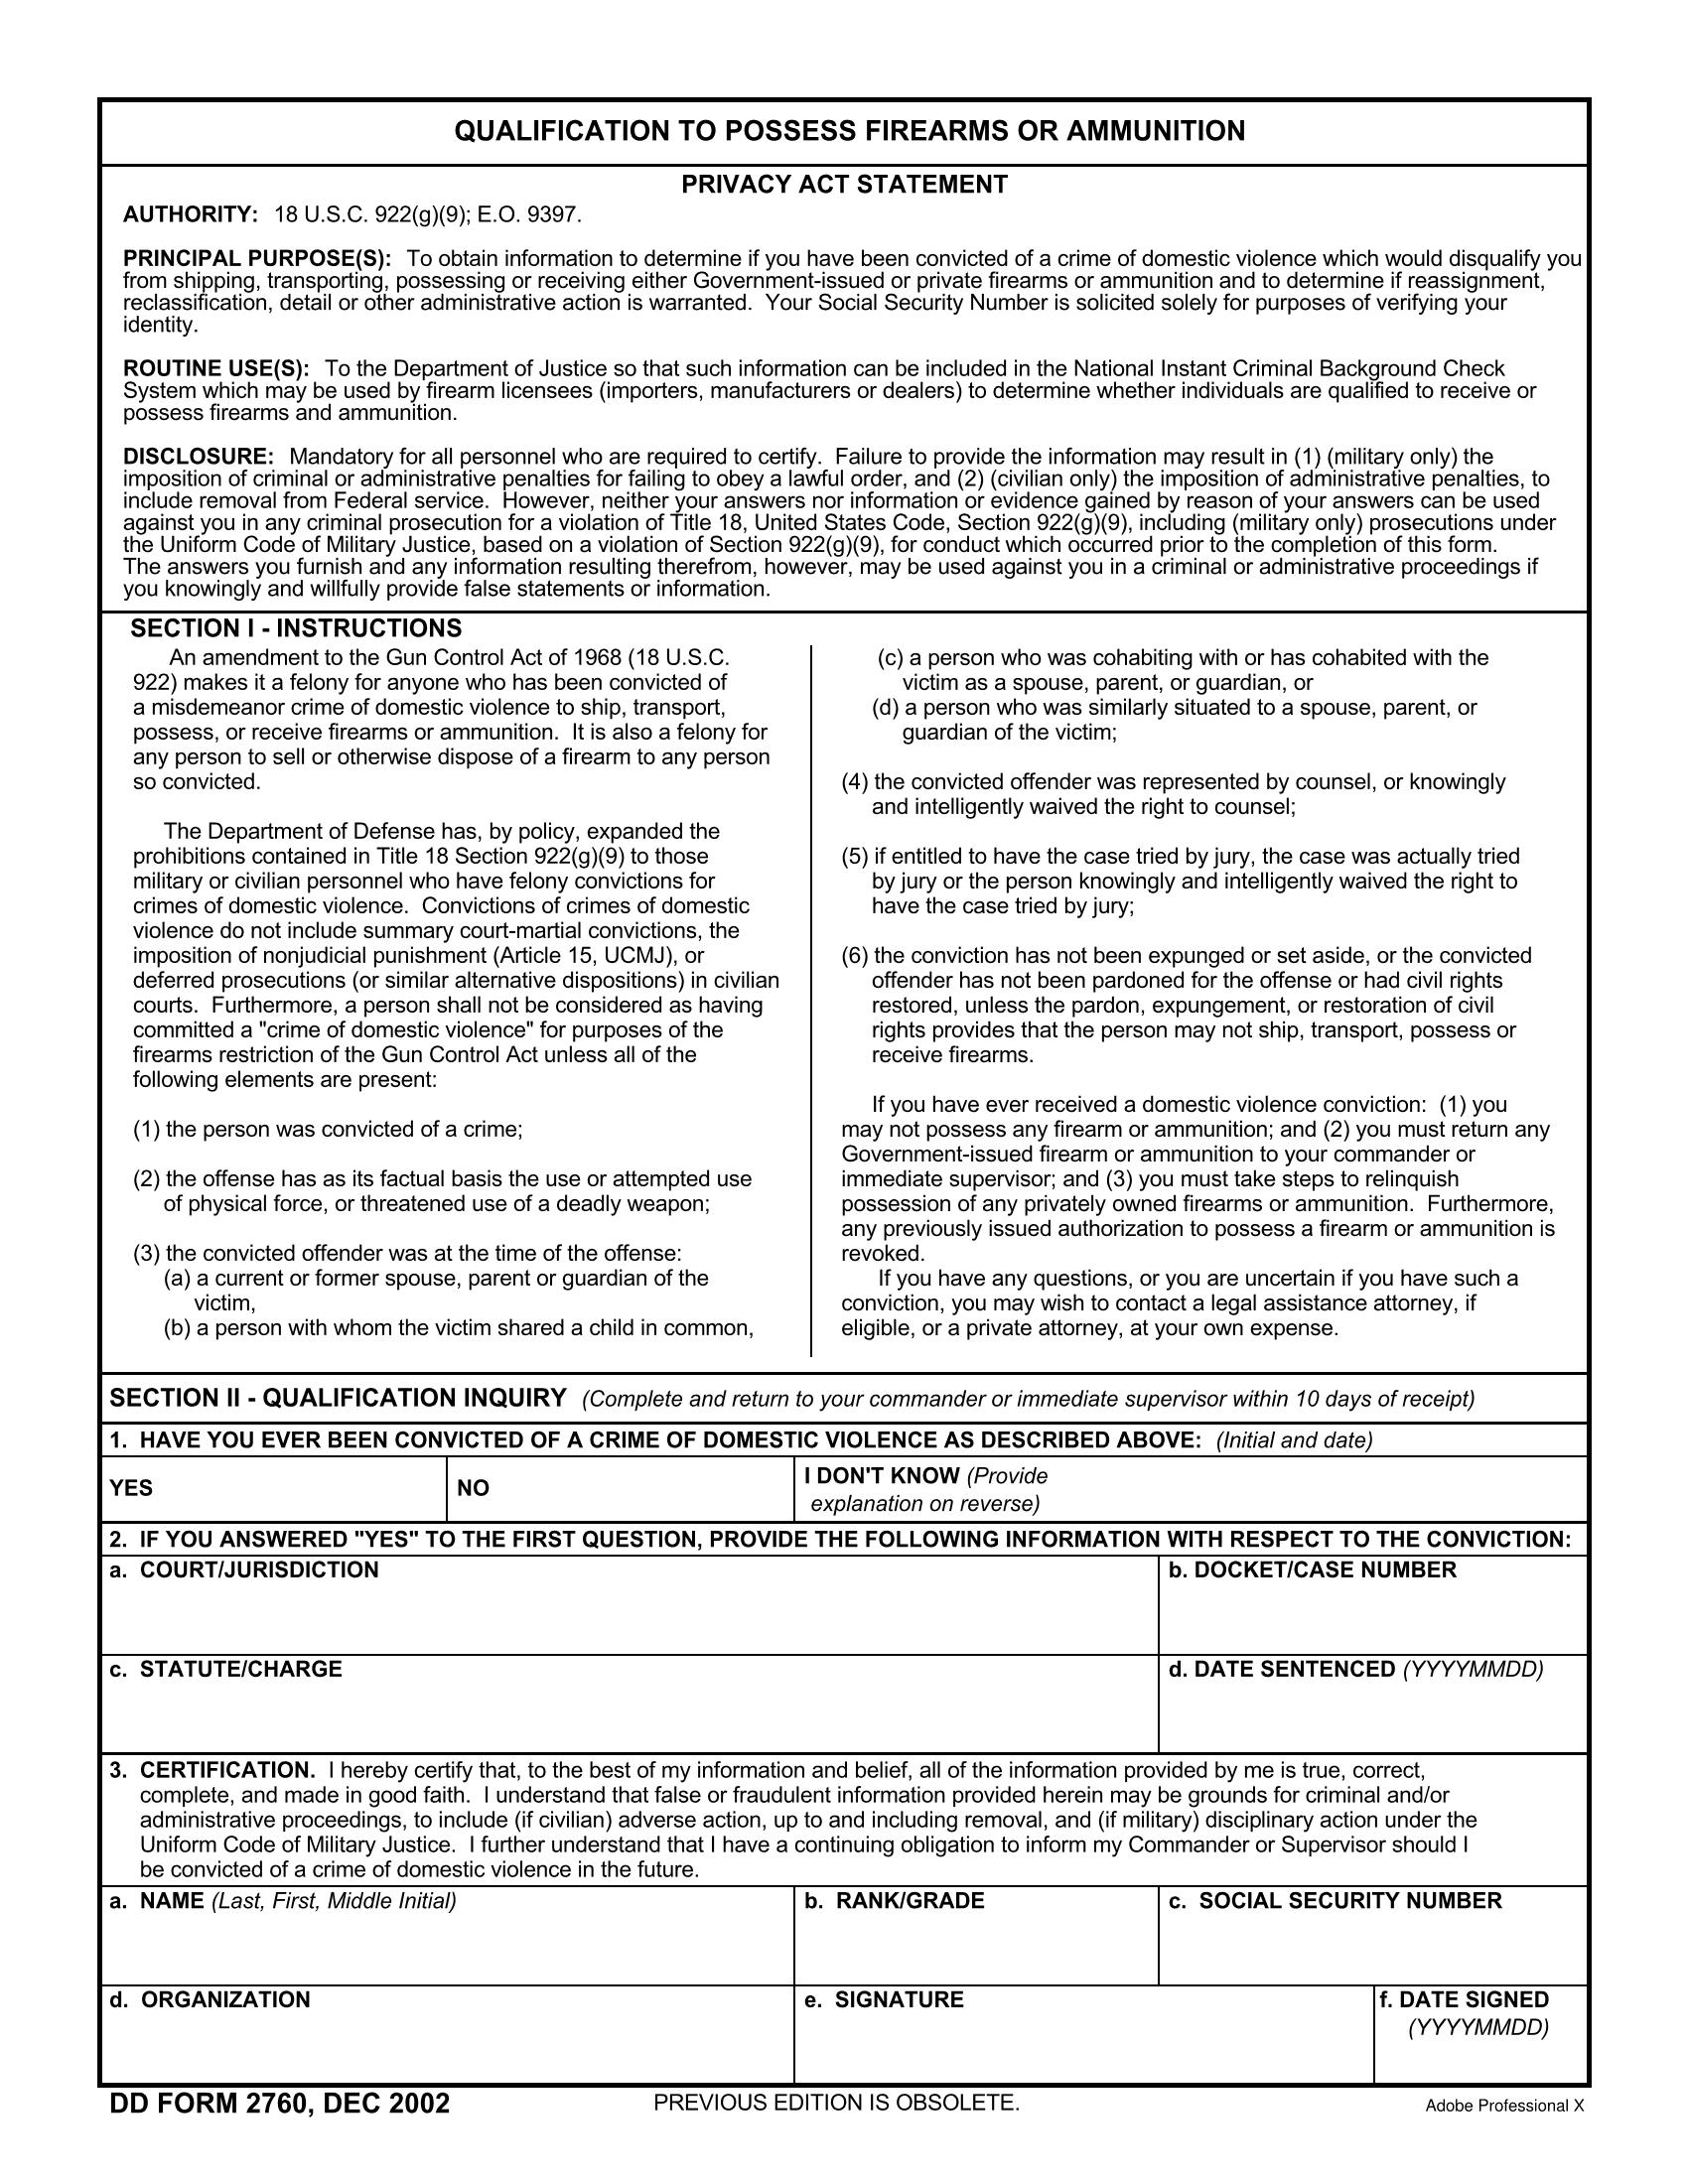 DD Form 2760 20210831